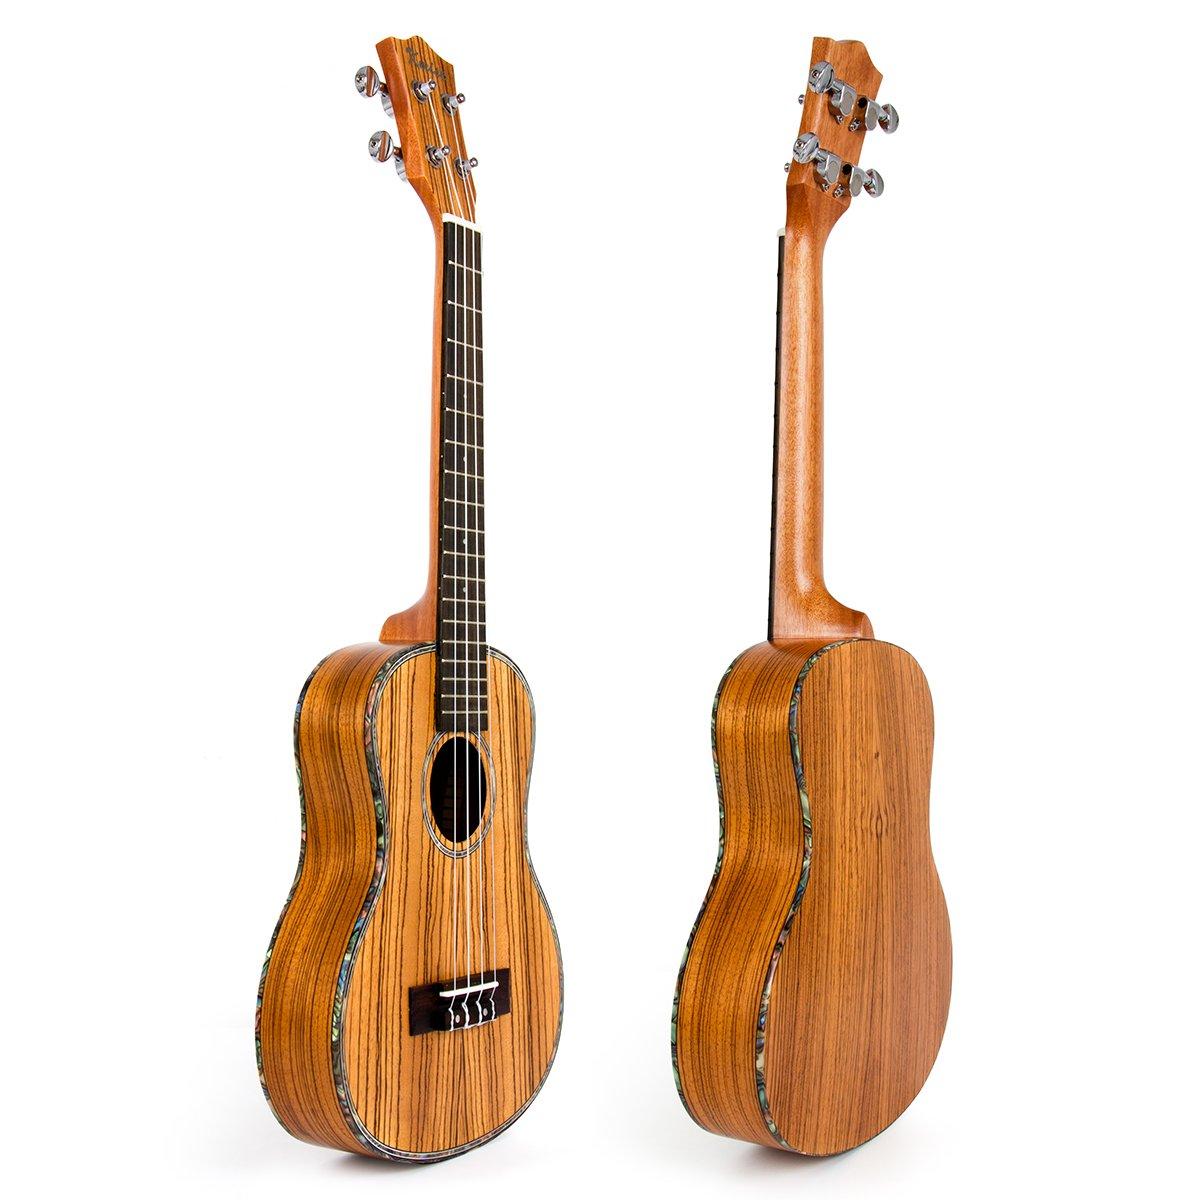 Travel Ukulele Tenor Thin Body 26 inch Zebra Ukelele Uke Hawaii Guitar 18 Fret